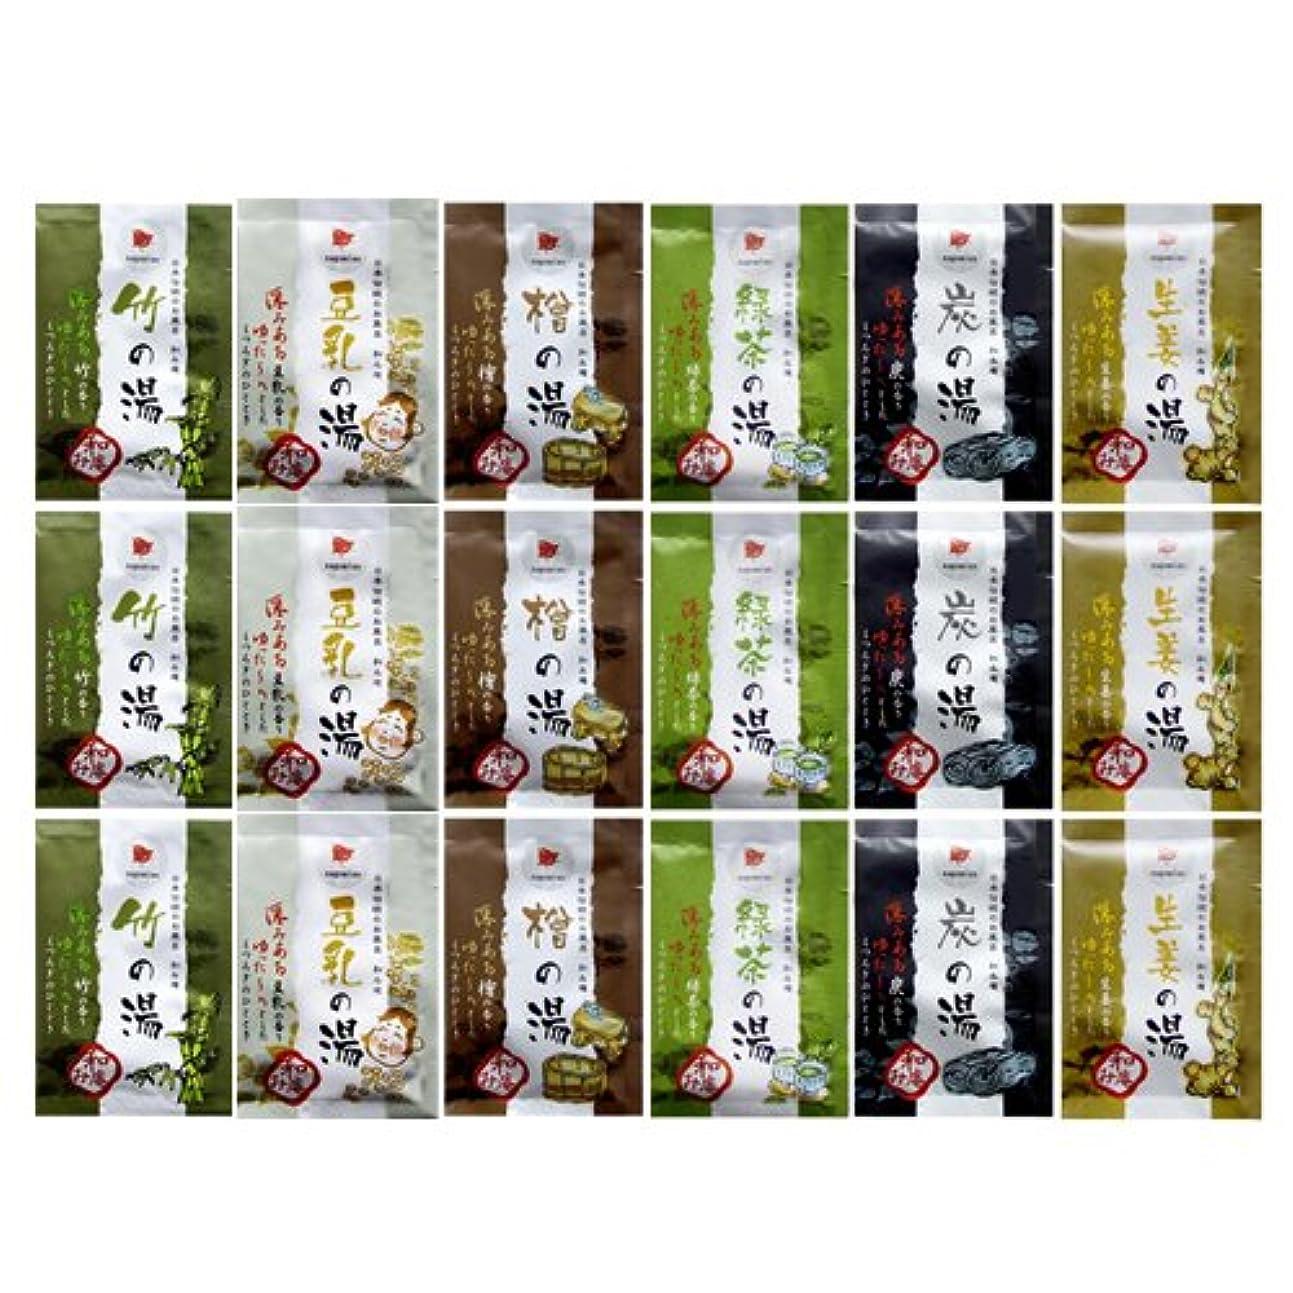 キーホームレス氏日本伝統のお風呂 和み庵 6種類×3個セット(計18包)